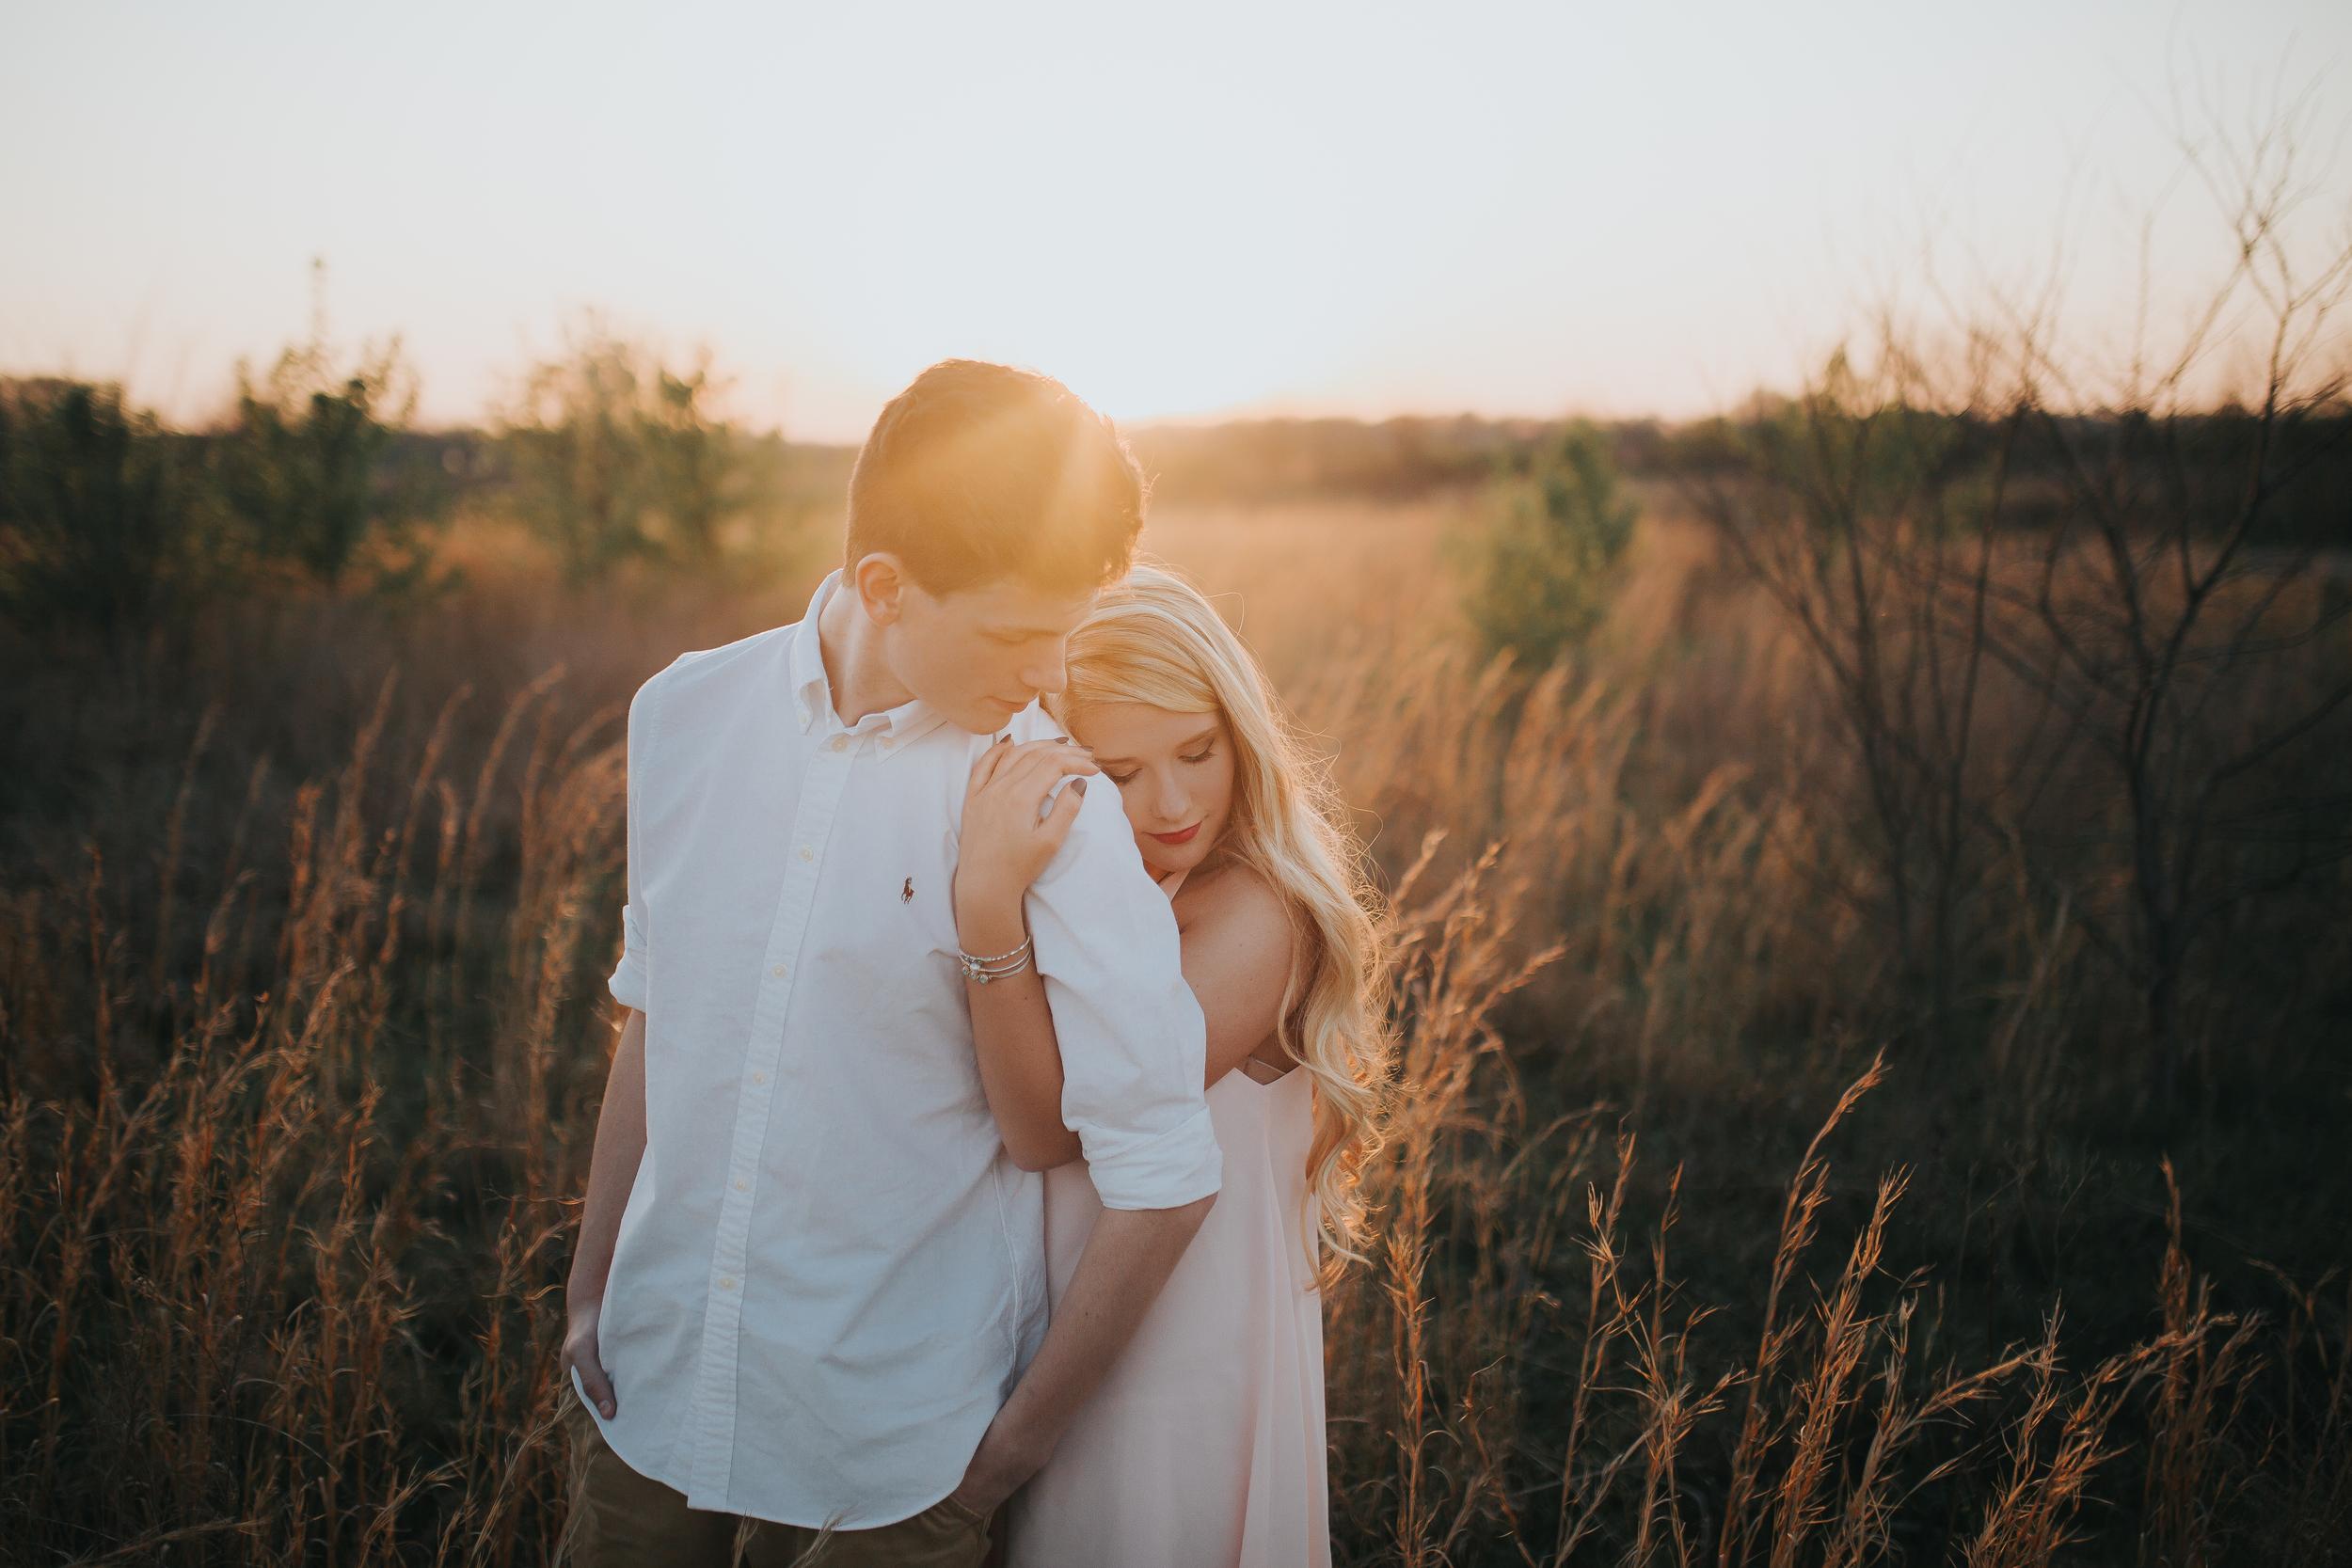 couple-sunset-field